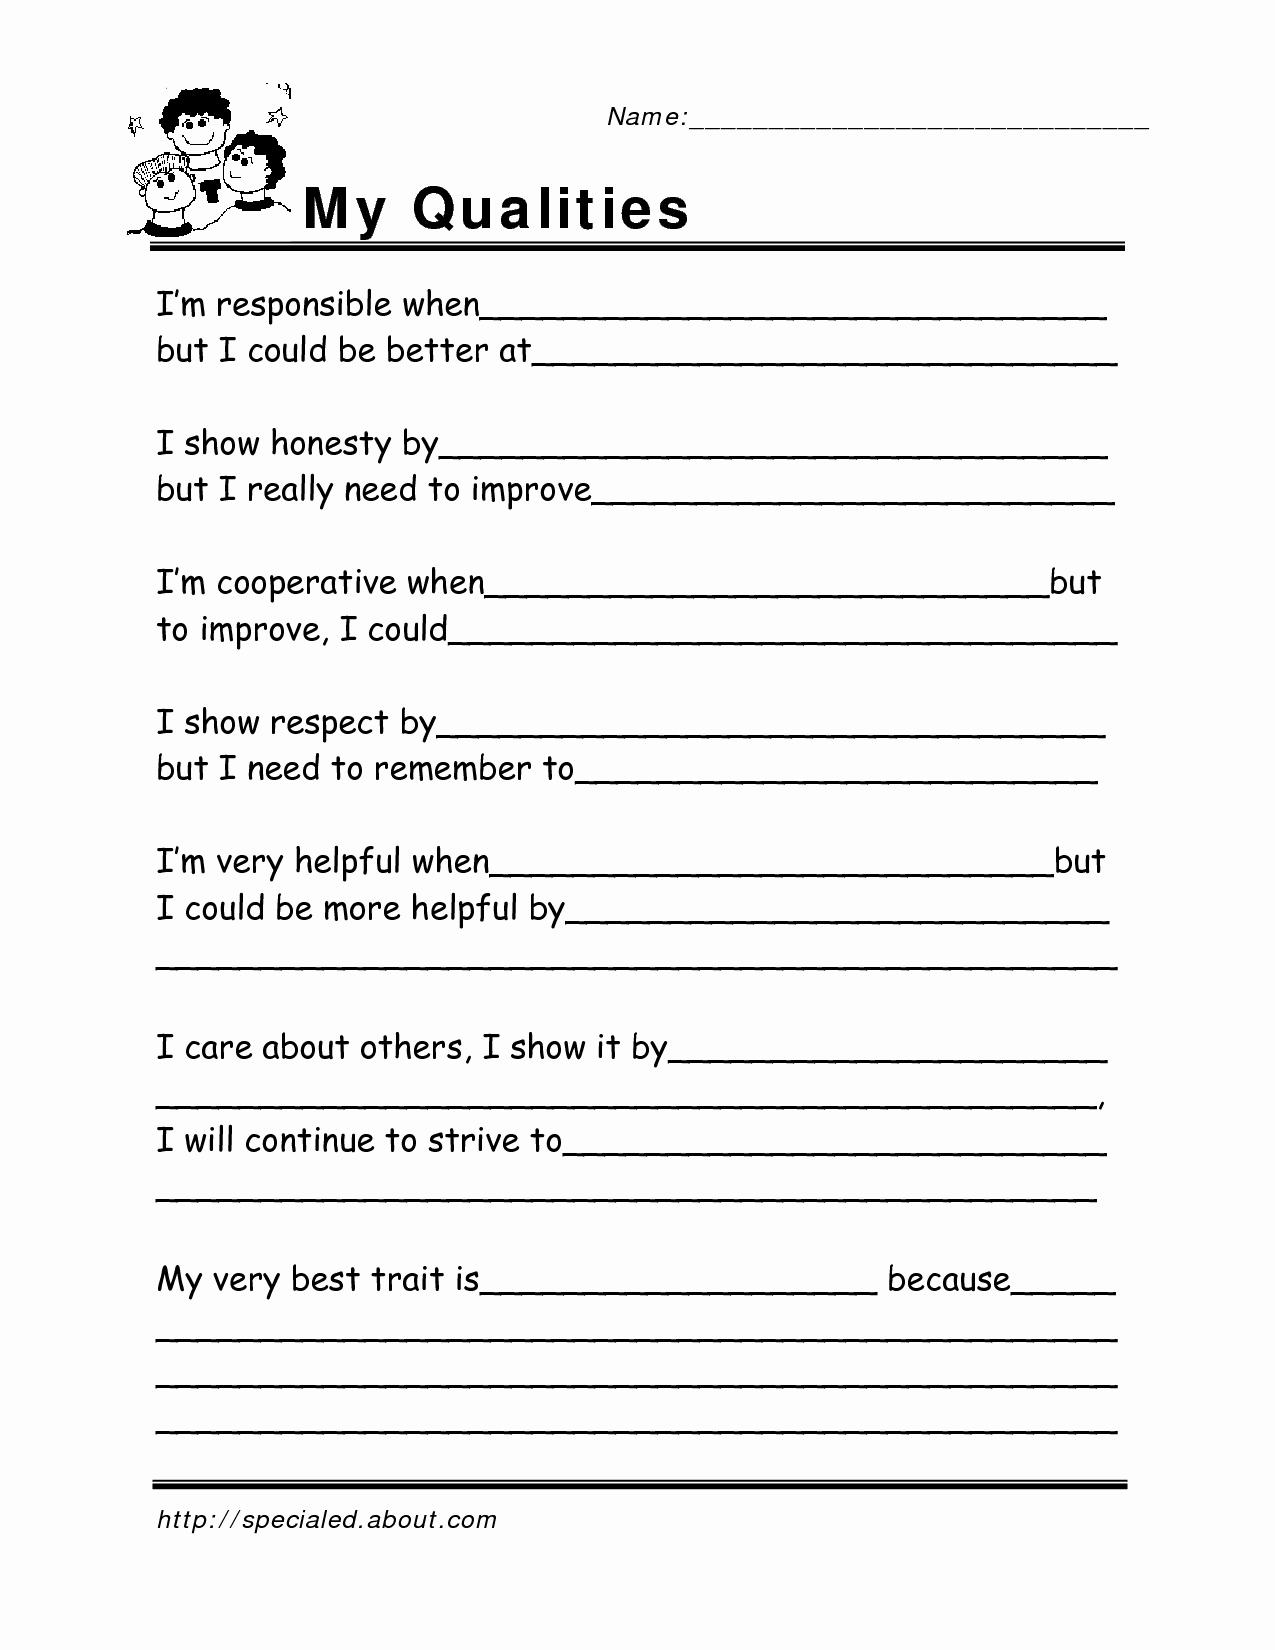 Social Skills Worksheets for Kindergarten Elegant 12 Best Of Career Worksheets for Adults Jobs and